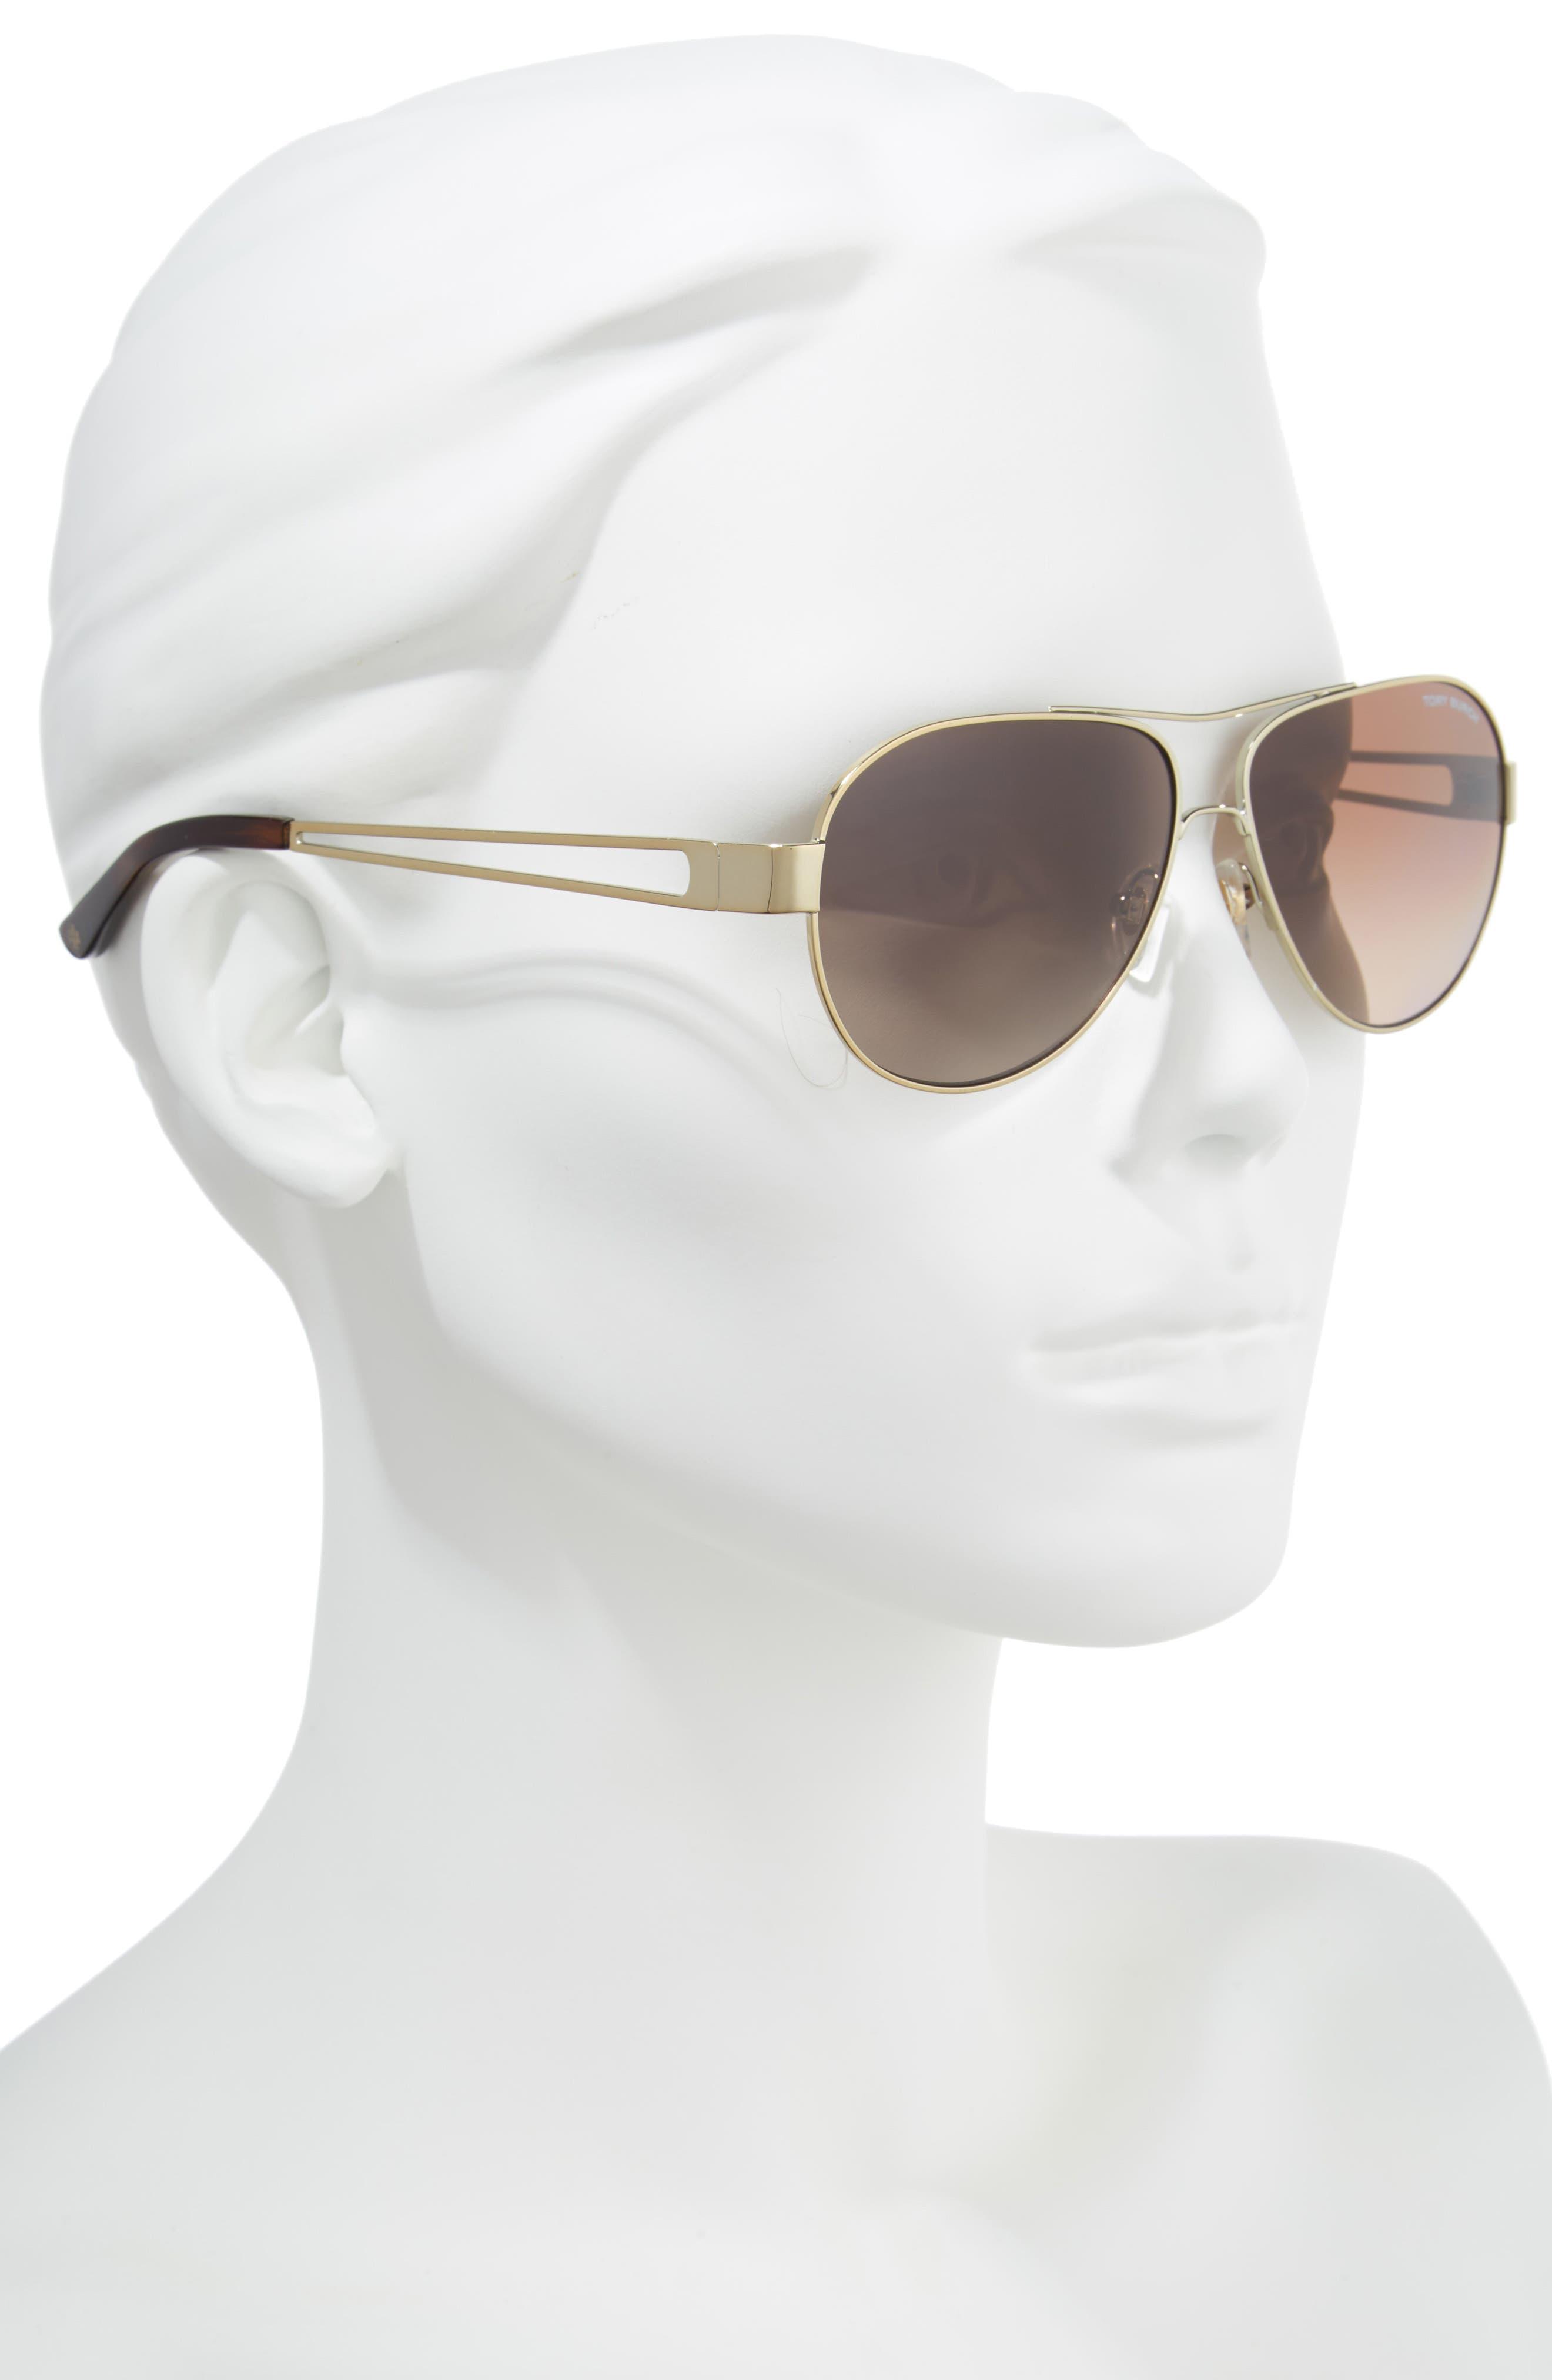 55mm Polarized Aviator Sunglasses,                             Alternate thumbnail 2, color,                             Gold/ Dark Tortoise Gradient